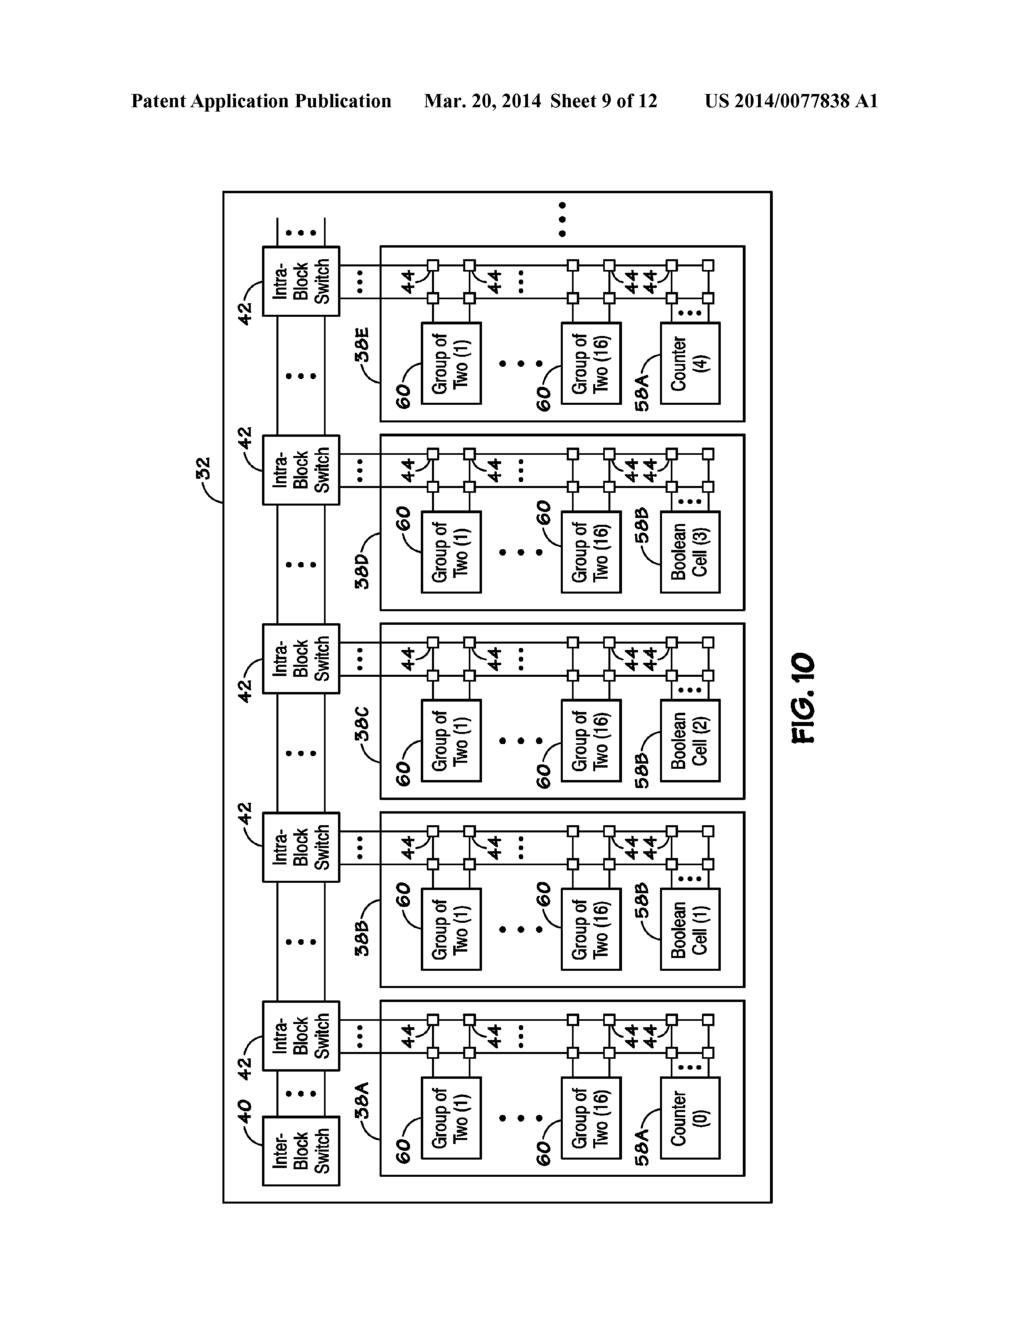 Boolean Logic In A State Machine Lattice Diagram Schematic And Image 10